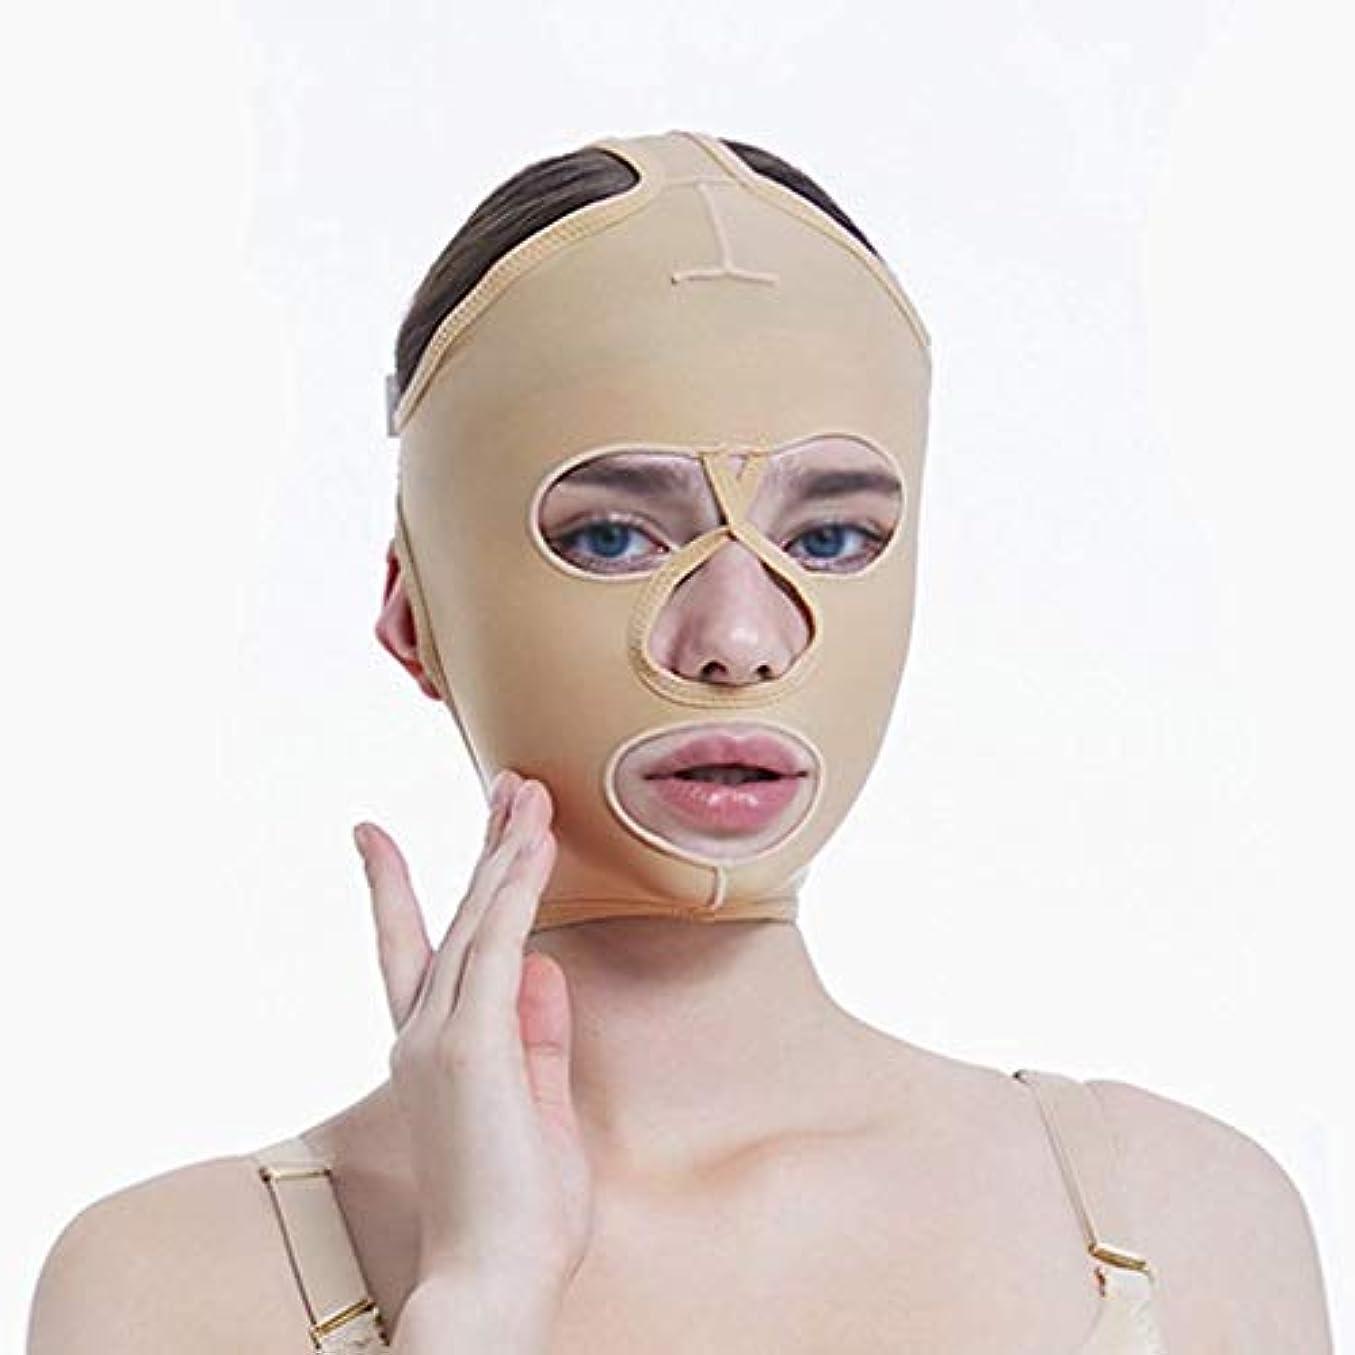 一生ほかにネットチンリフティングベルト、超薄型ベルト、引き締めマスク、包帯吊り、フェイスリフティングマスク、超薄型ベルト、通気性(サイズ:L),XXL